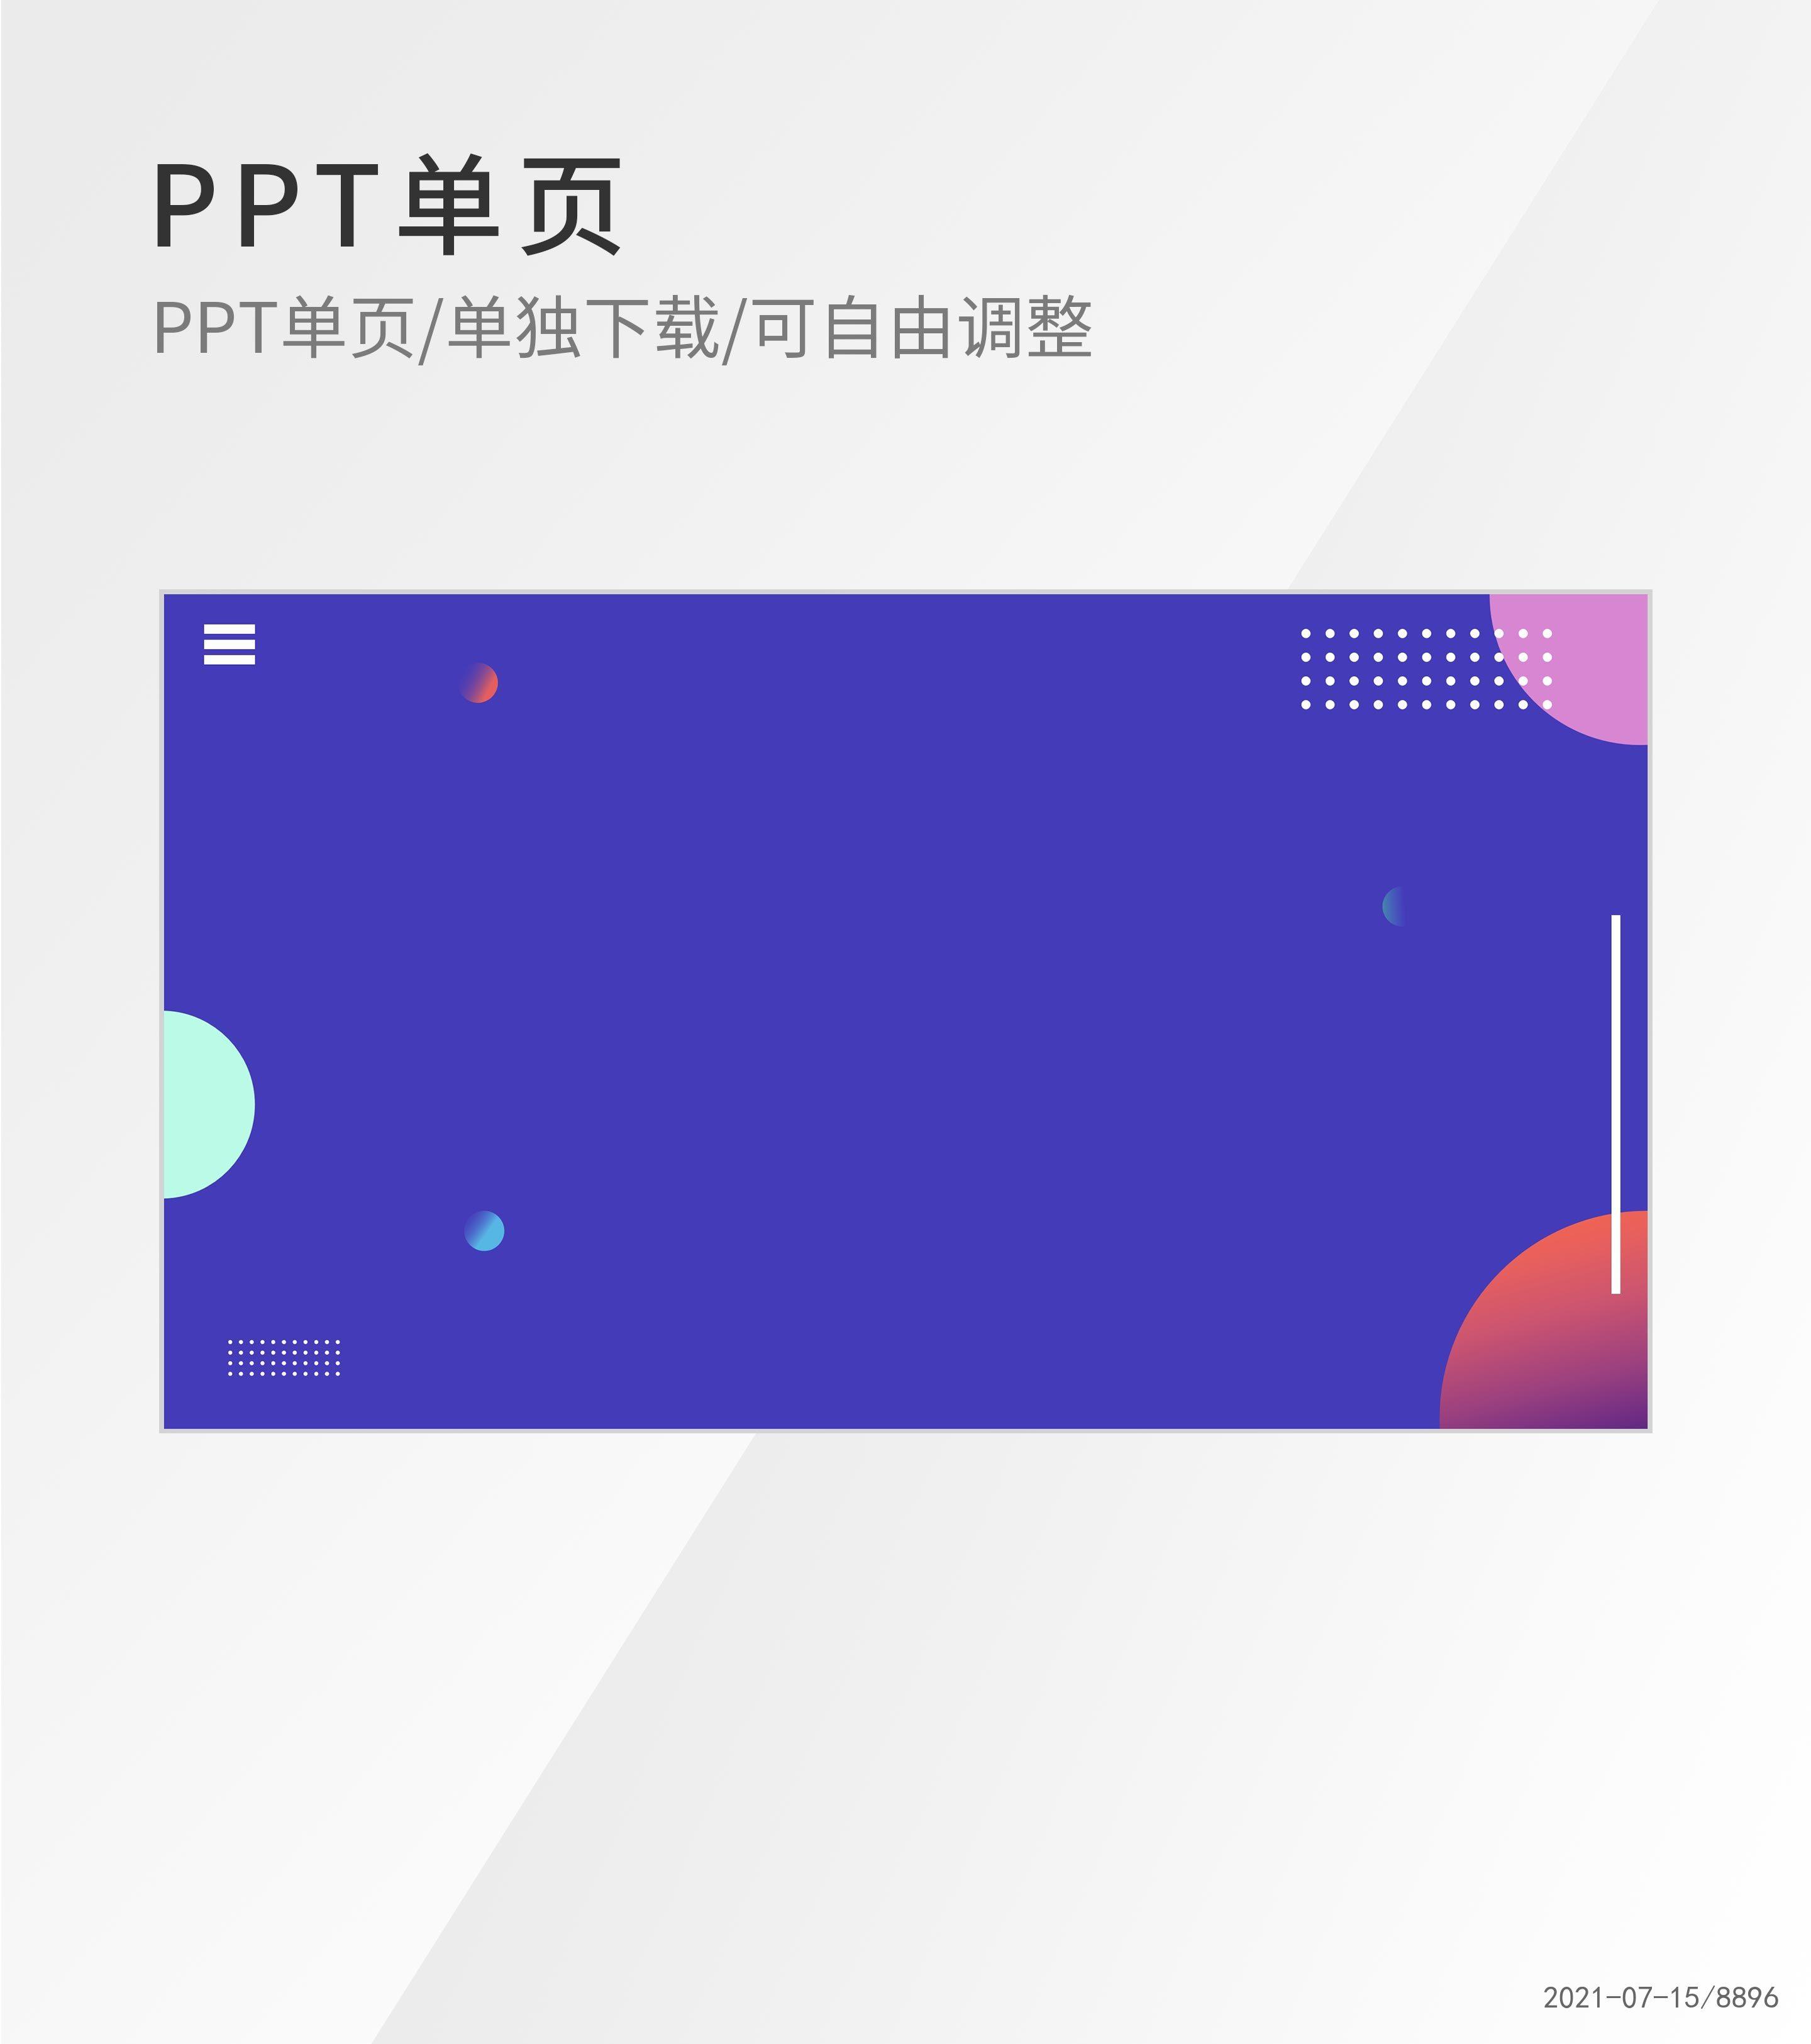 紫色简约风几何PPT封面背景